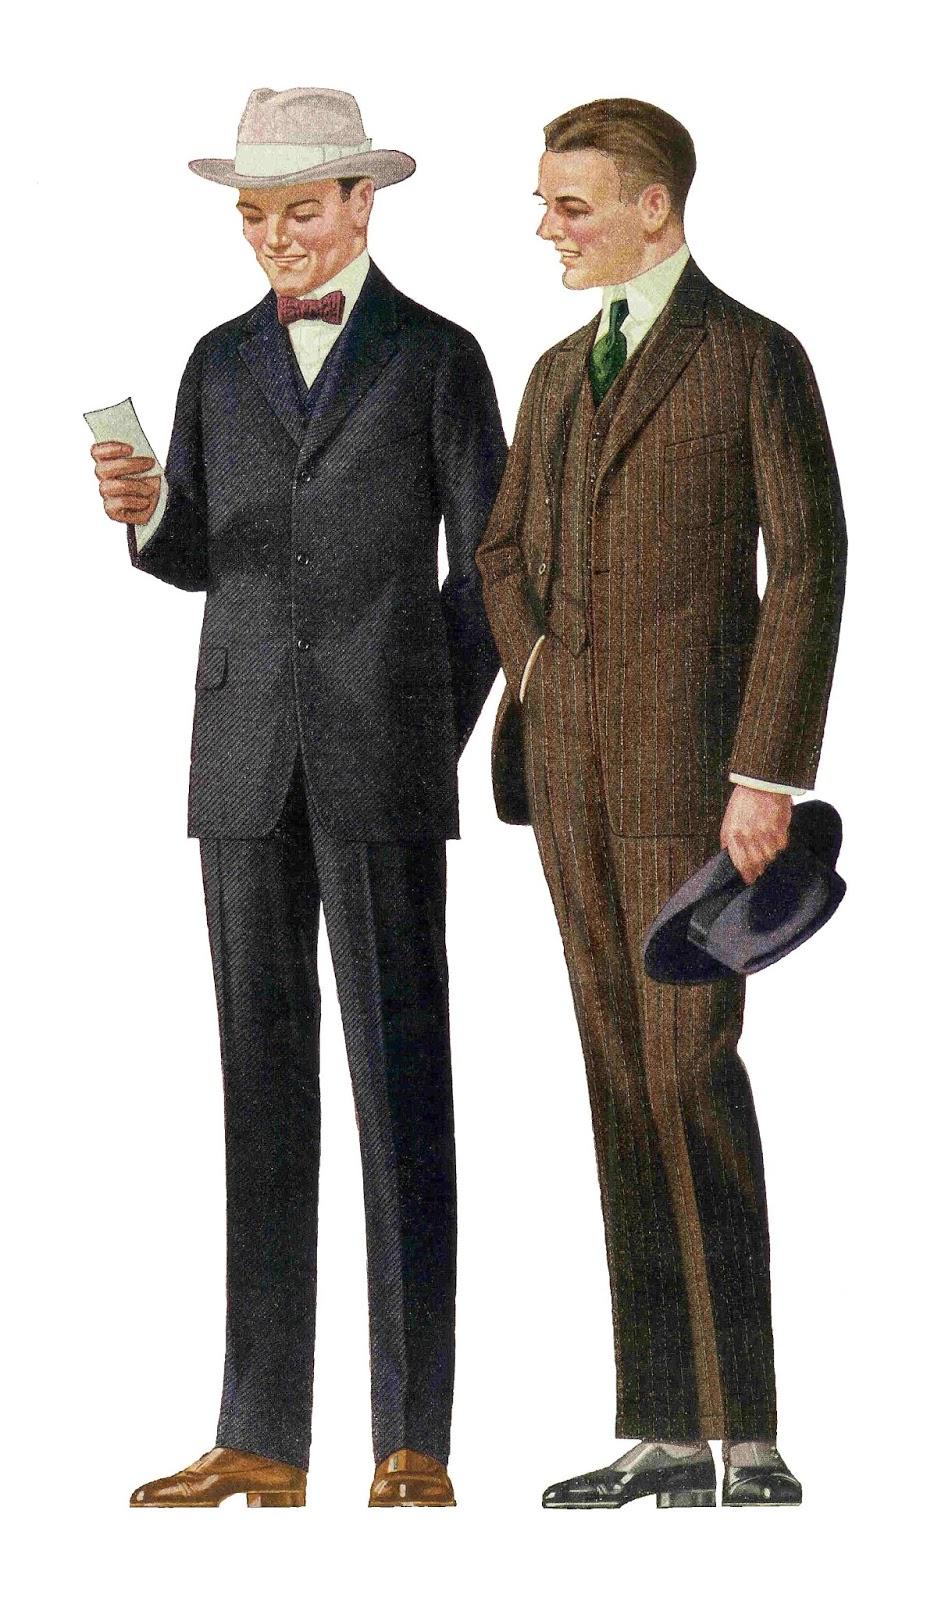 Antique Images: Free Fashion Clip Art: 1915 Men's Suits 2 Vintage.